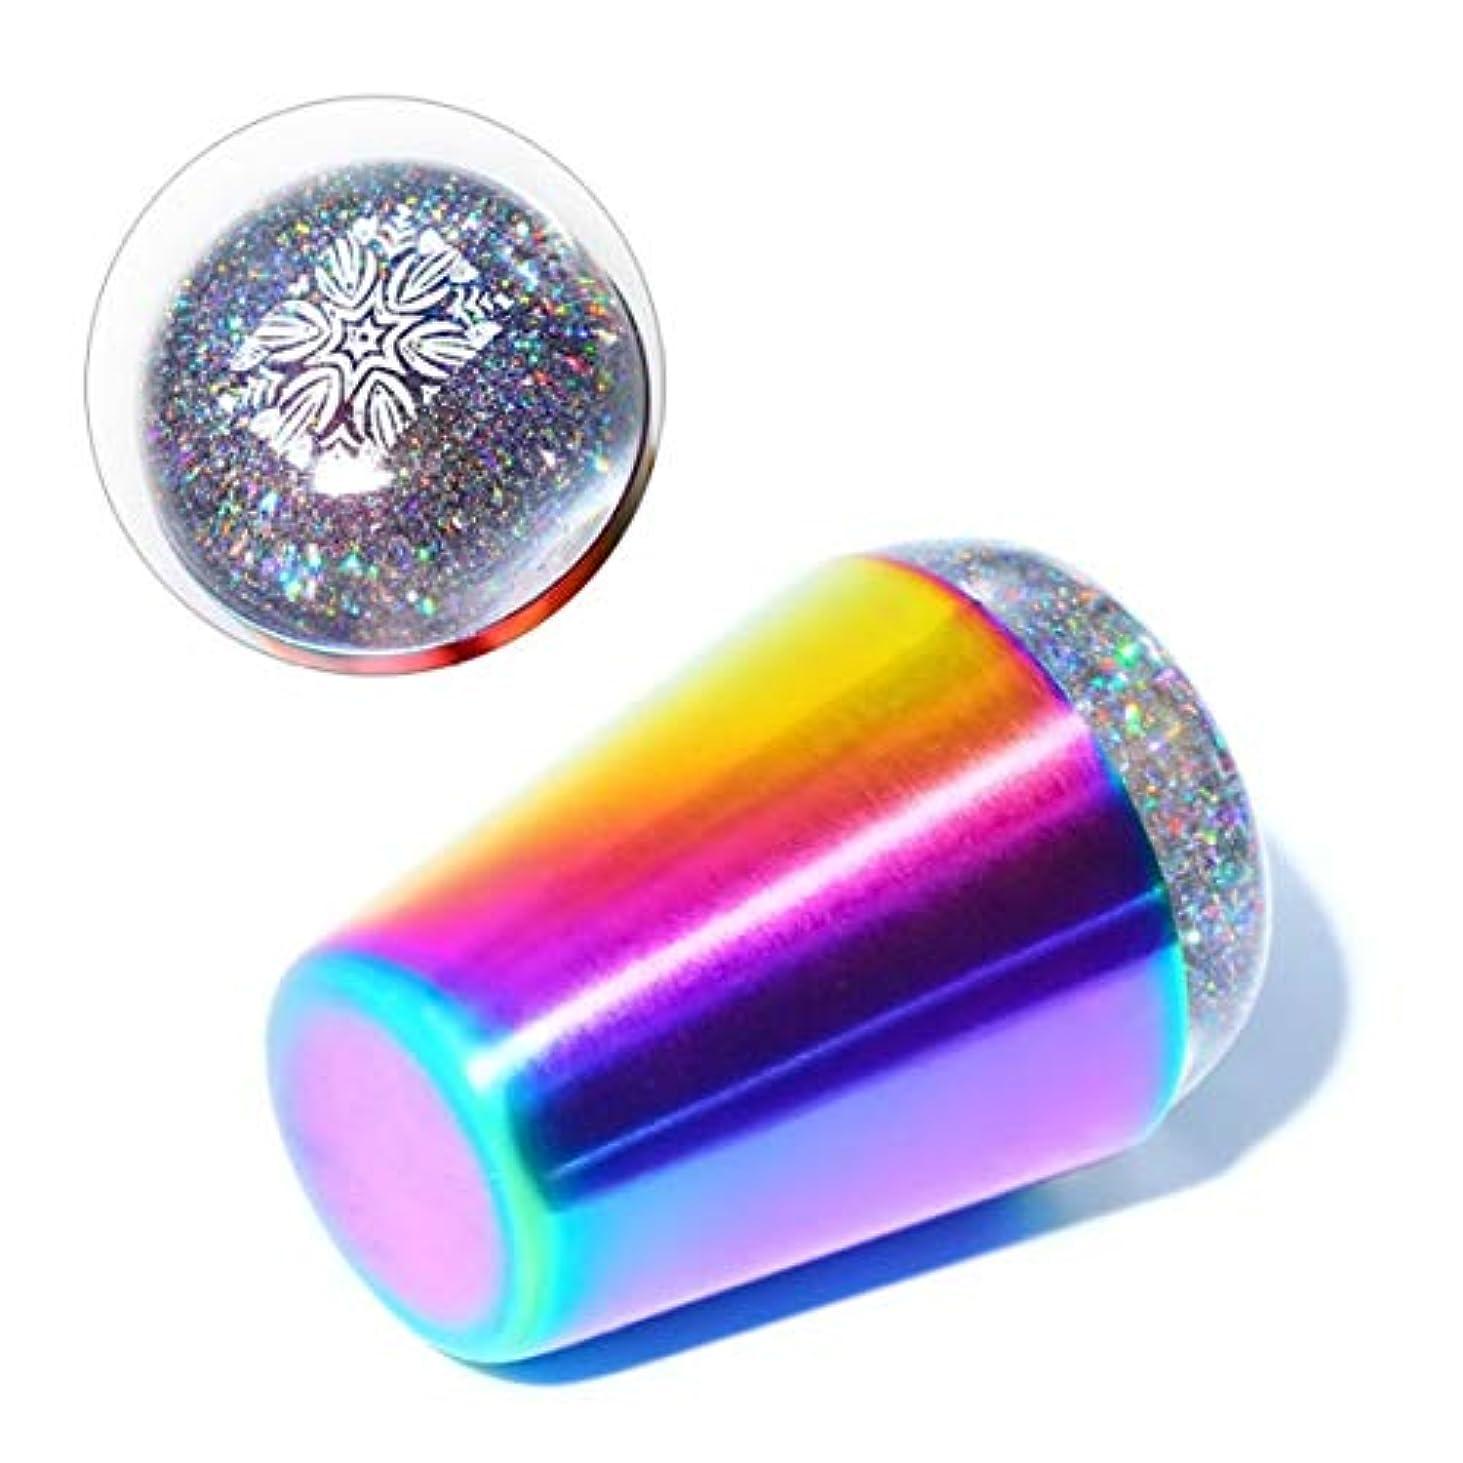 レイアウト信仰カブWadachikis 最高の販売透明な釘スタンパースクレーパーホログラフィック虹ハンドルネイルアートツール(None B)